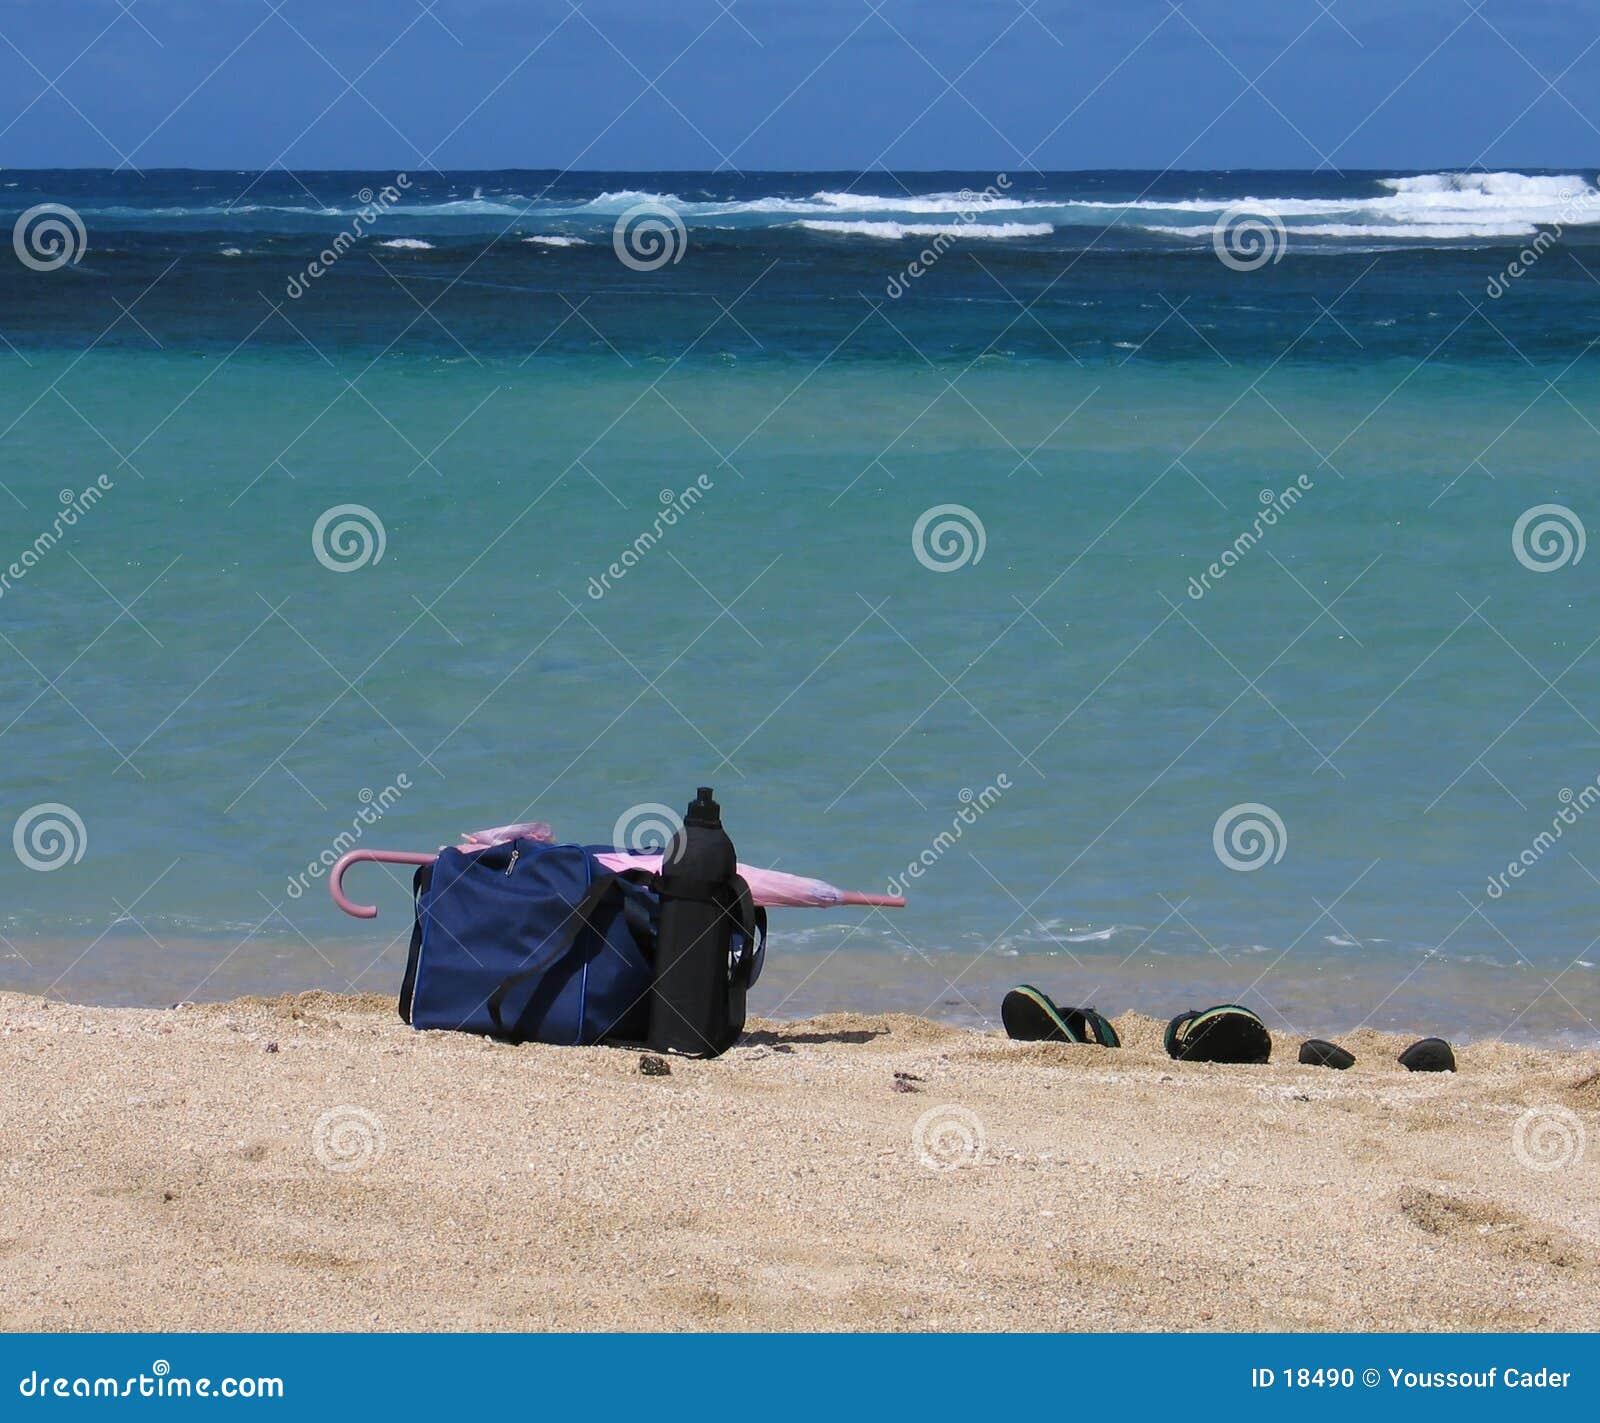 Beach Stuffs